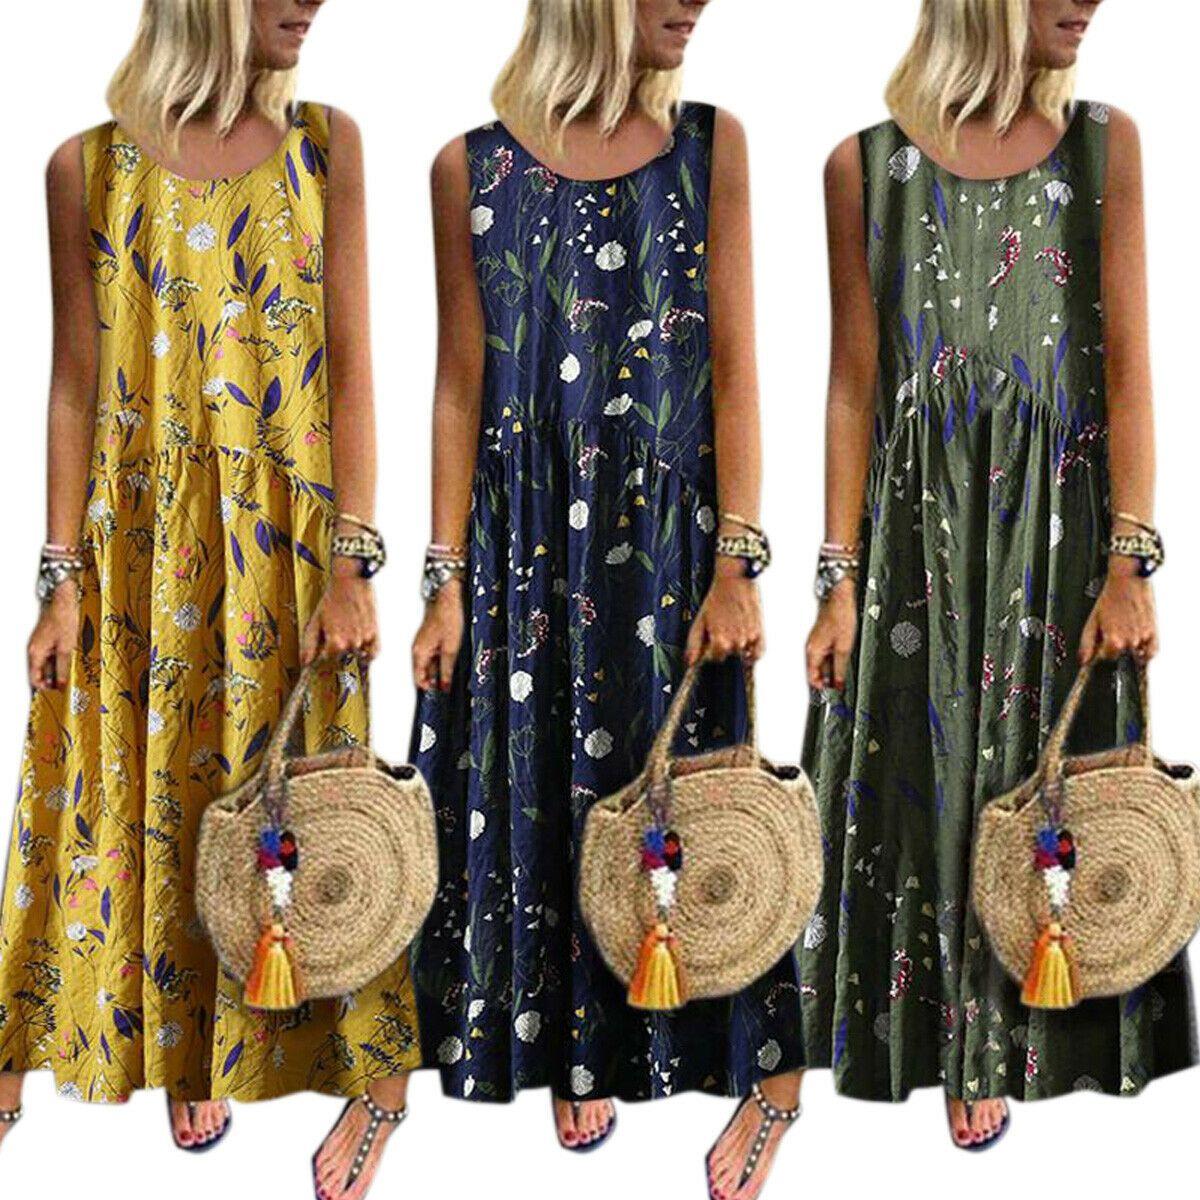 damen boho lang sommerkleid strandkleid freizeitkleid